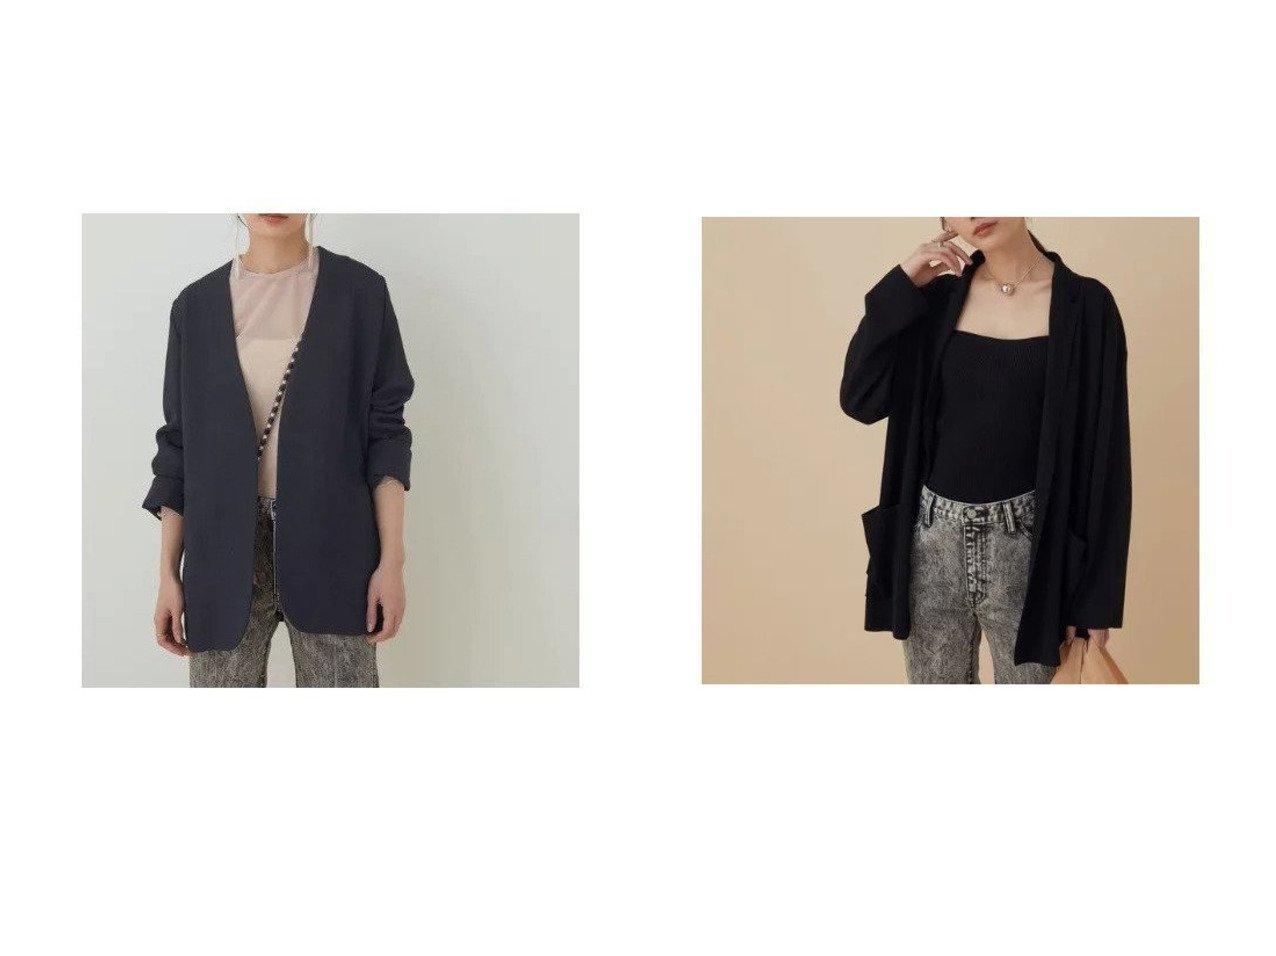 【ADAM ET ROPE'/アダム エ ロペ】の【WEB限定】【セットアップ対応】LINENニットジャケット&【セットアップ対応】リネンライクジャケット アウターのおすすめ!人気、トレンド・レディースファッションの通販  おすすめで人気の流行・トレンド、ファッションの通販商品 メンズファッション・キッズファッション・インテリア・家具・レディースファッション・服の通販 founy(ファニー) https://founy.com/ ファッション Fashion レディースファッション WOMEN アウター Coat Outerwear ジャケット Jackets インナー 春 Spring カットソー 今季 シンプル ジャケット ストレッチ セットアップ テーラード デニム トレンド ベーシック ポケット リネン 2021年 2021 S/S 春夏 SS Spring/Summer 2021 春夏 S/S SS Spring/Summer 2021 おすすめ Recommend  ID:crp329100000024379